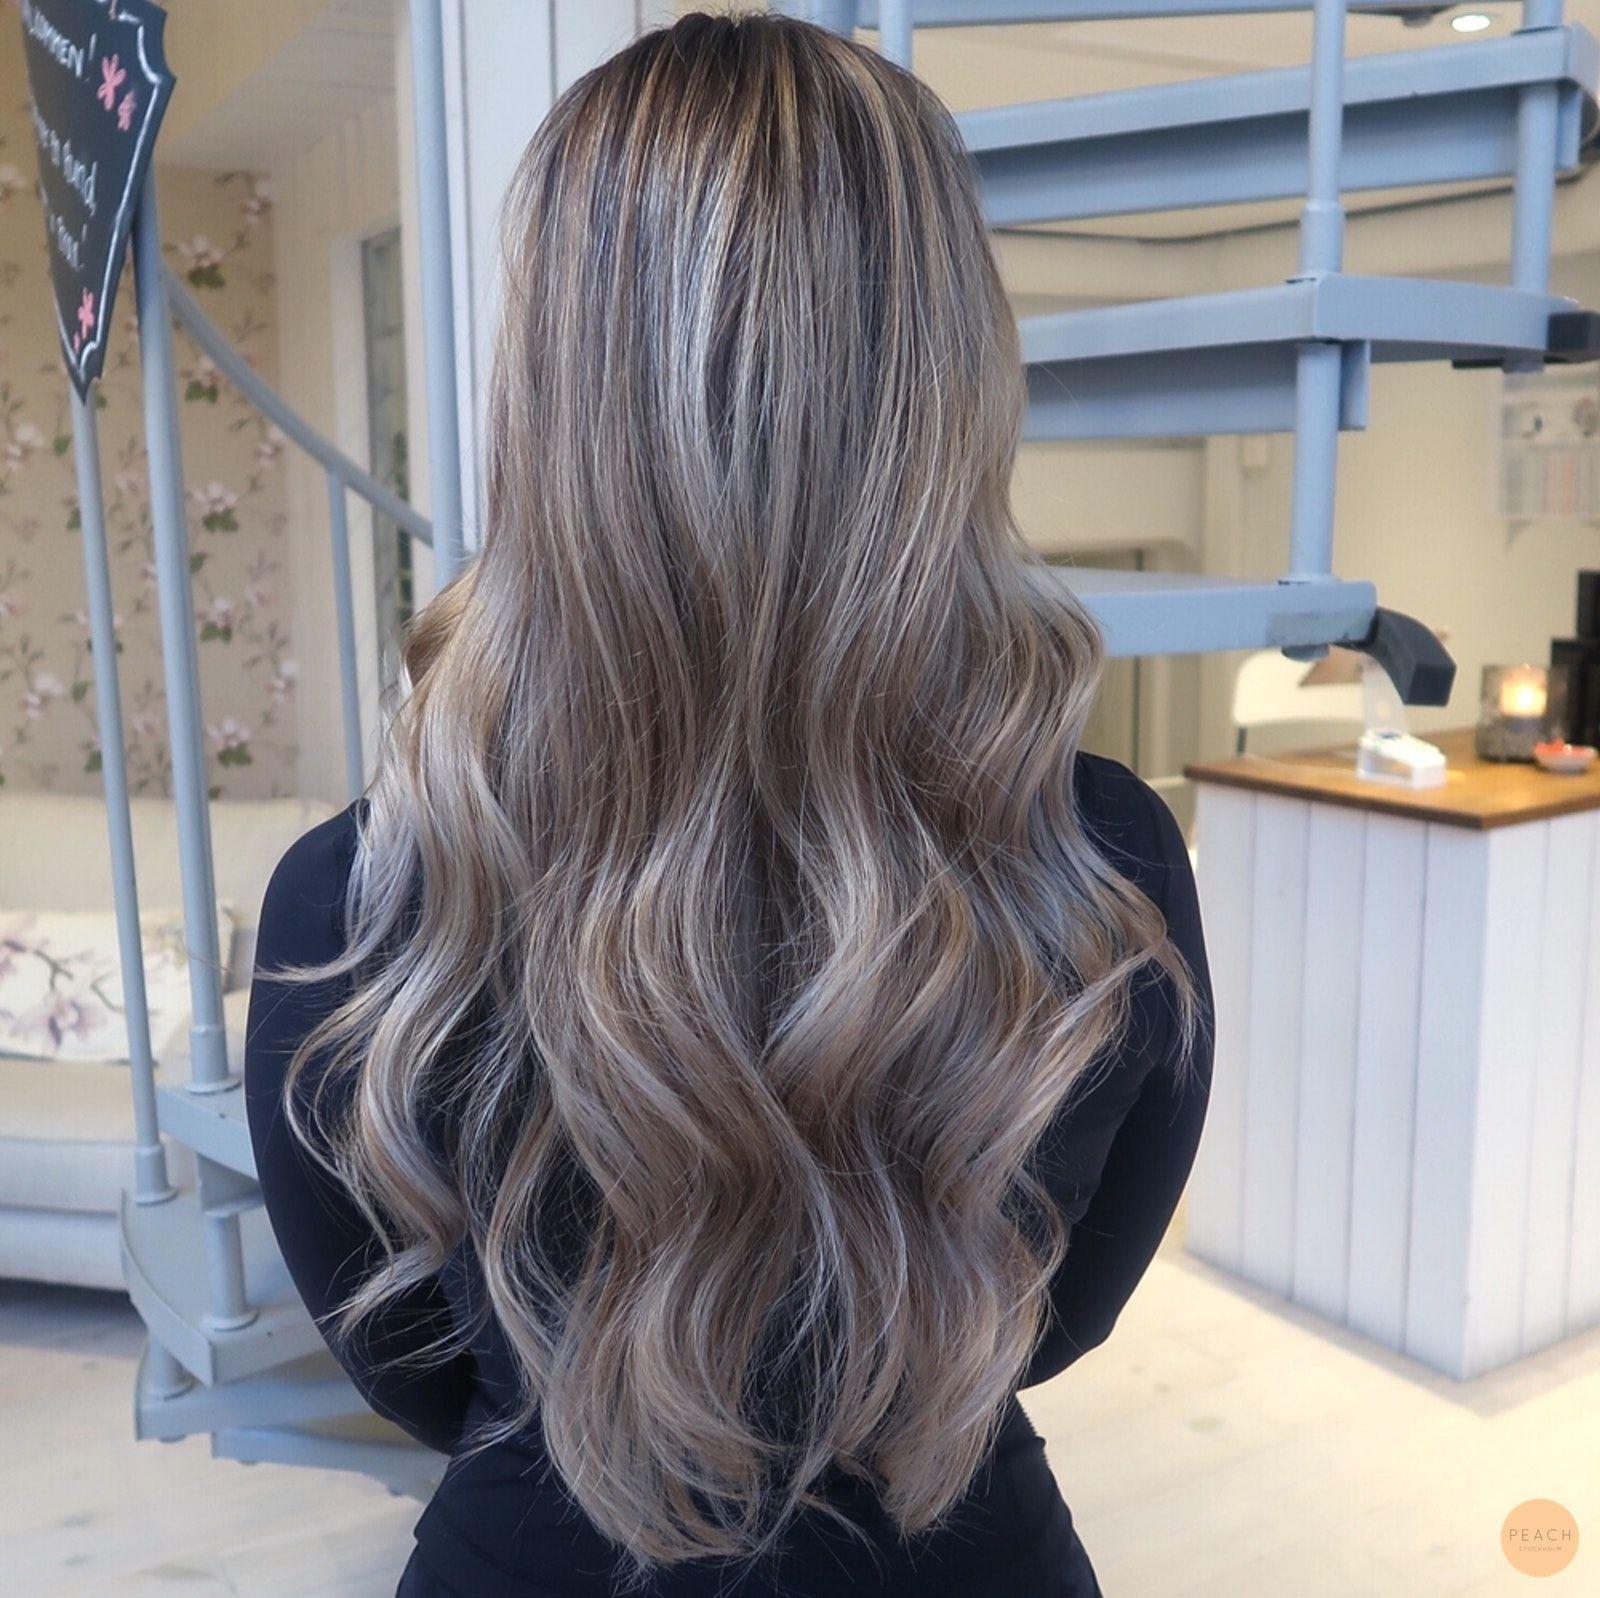 mörk askblond hårfärg